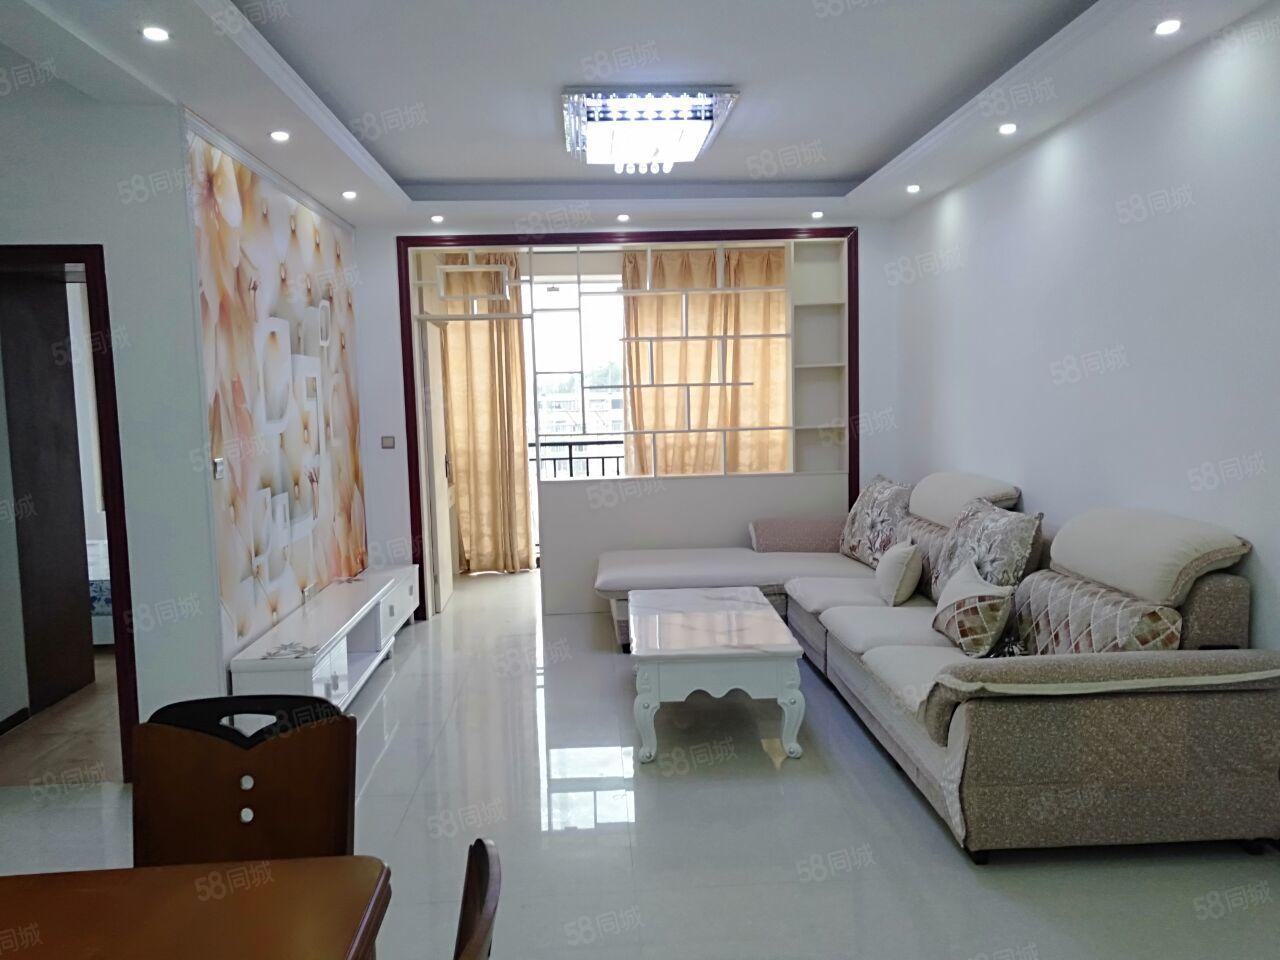 阳光香颂现浇房3室2厅1卫80平米精装修随时看房面议